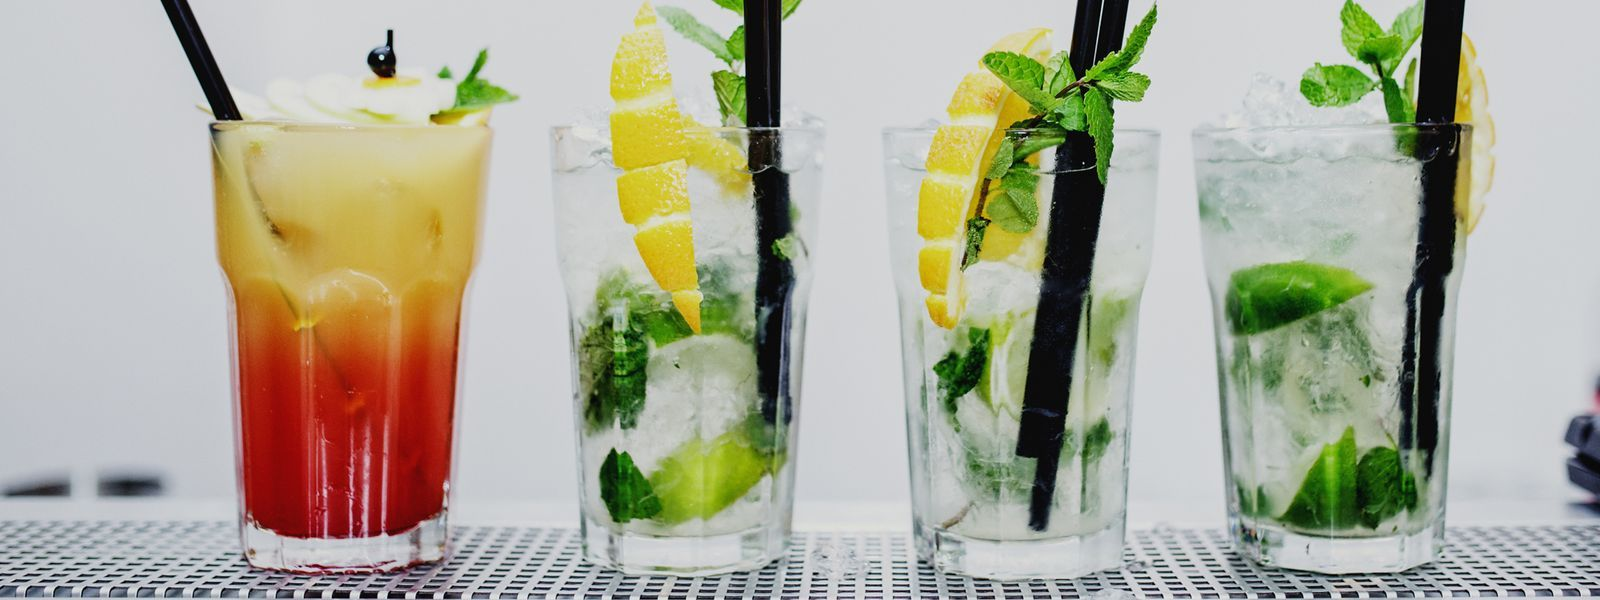 Kolorowe drinki to specjalność naszych barmanów do wynajęcia